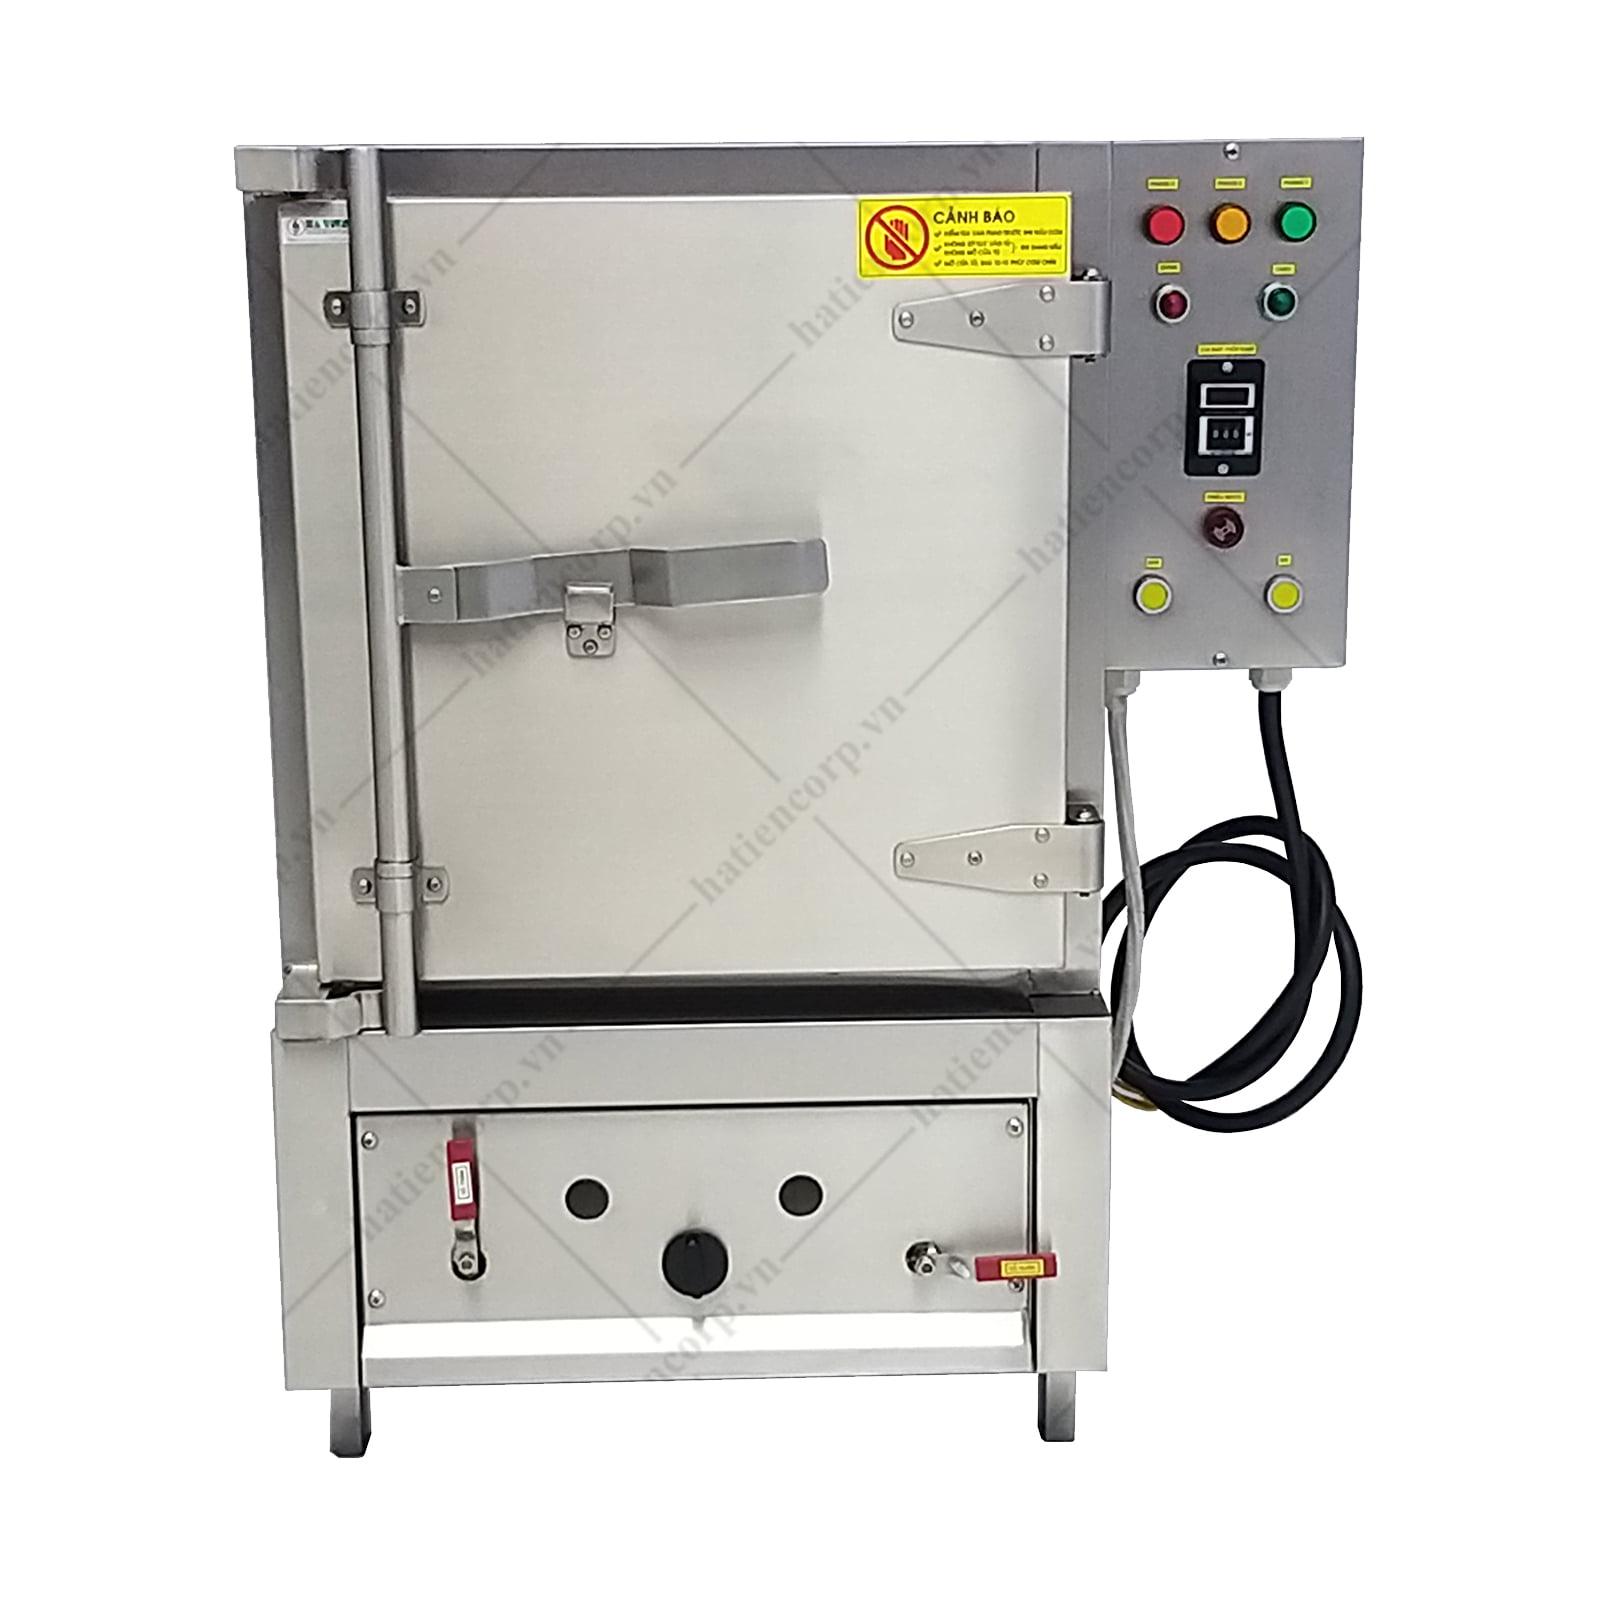 Tủ nấu cơm công nghiệp 30kg dùng gas và điện